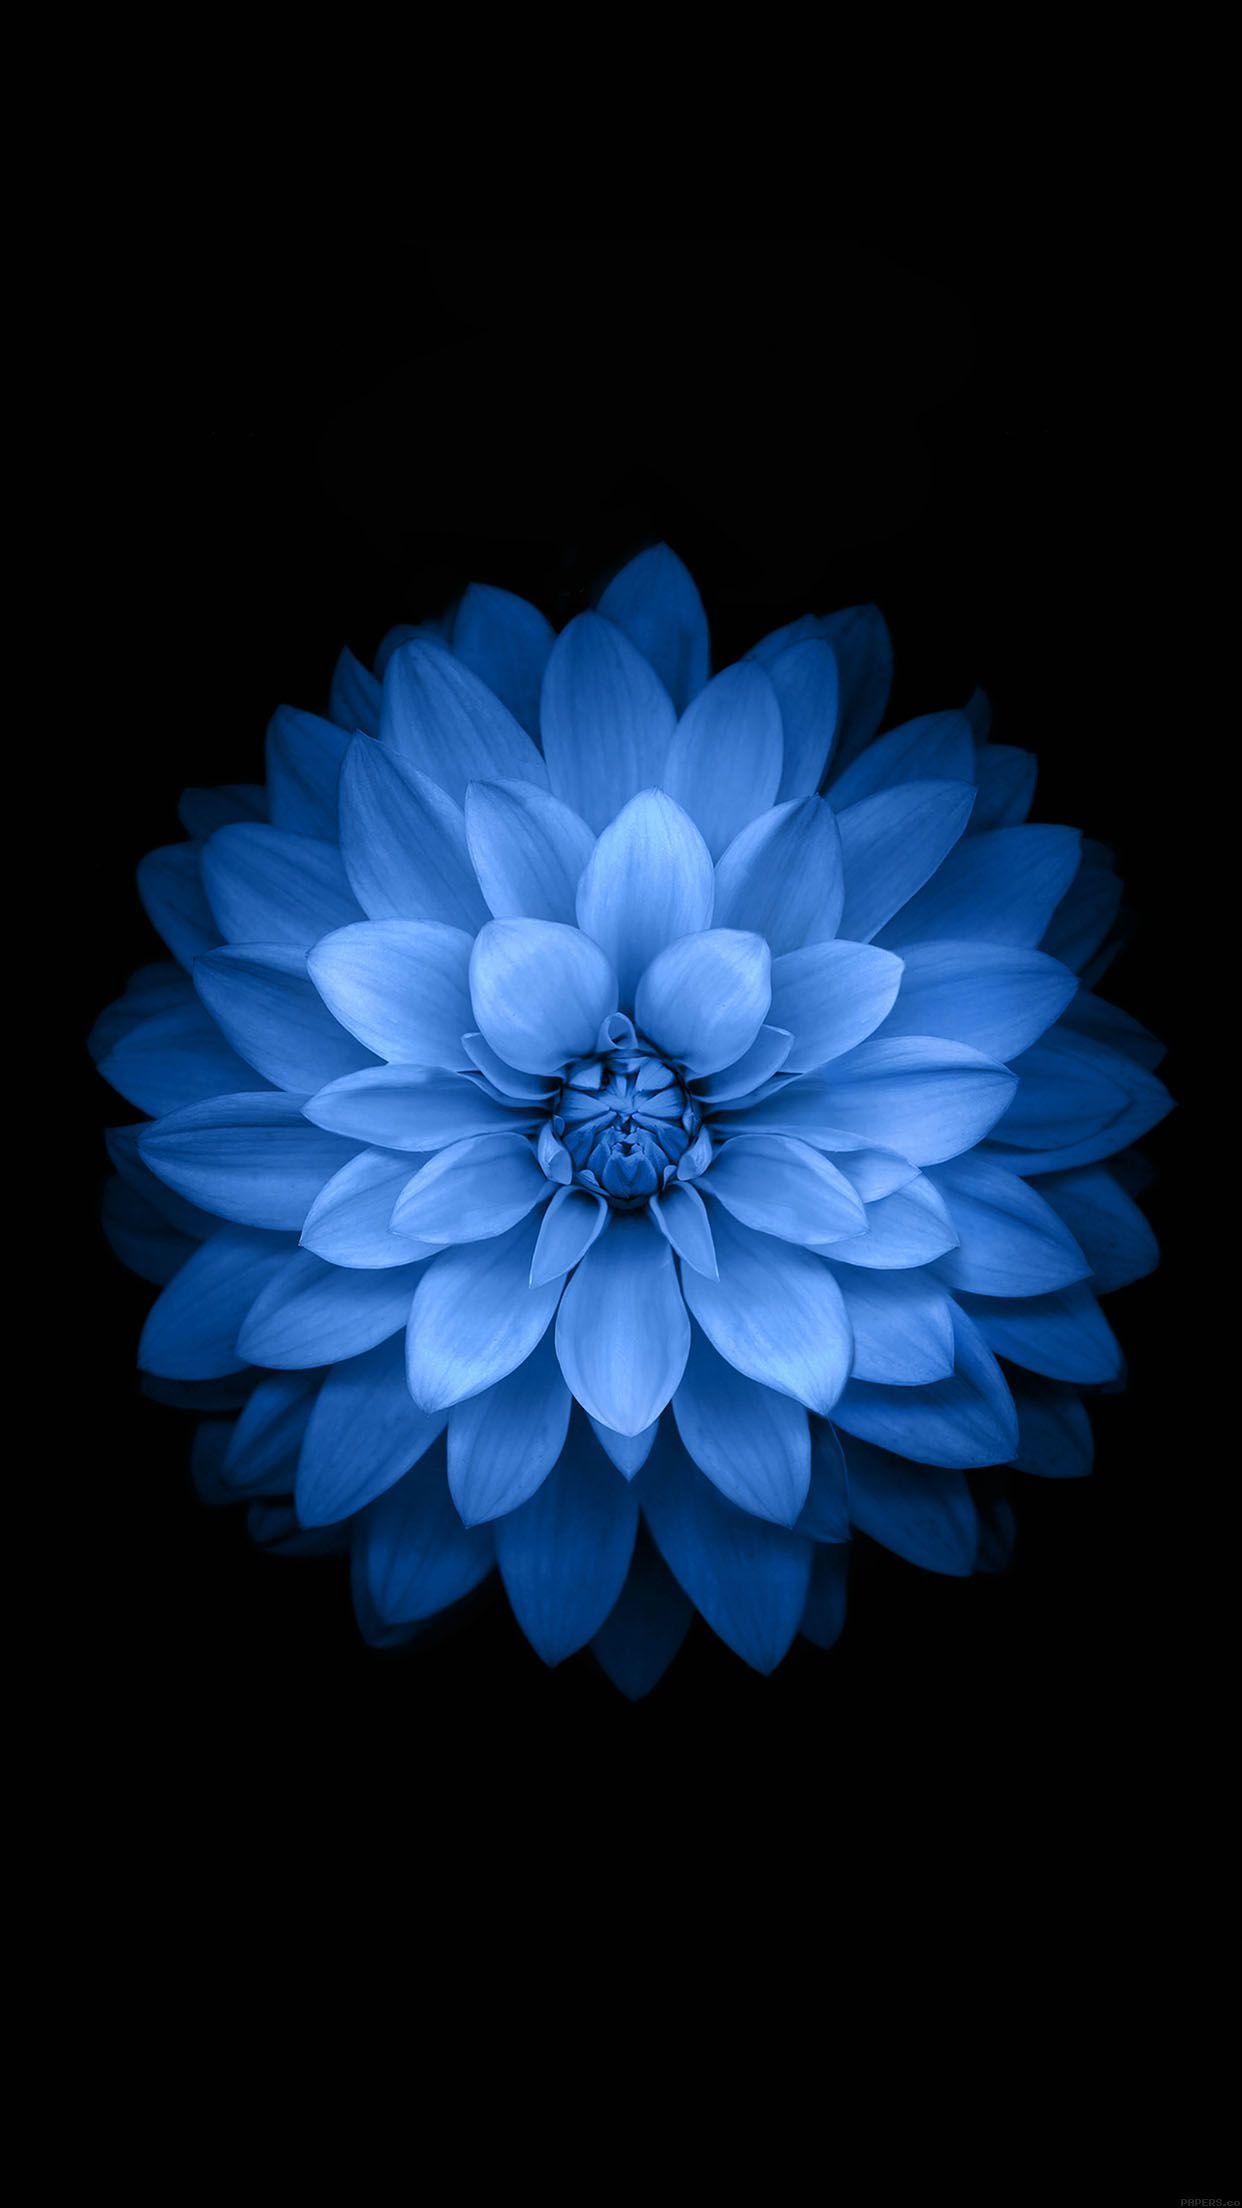 Sehr 5 fonds d'écran fleuris pour iPhone et iPad WF64